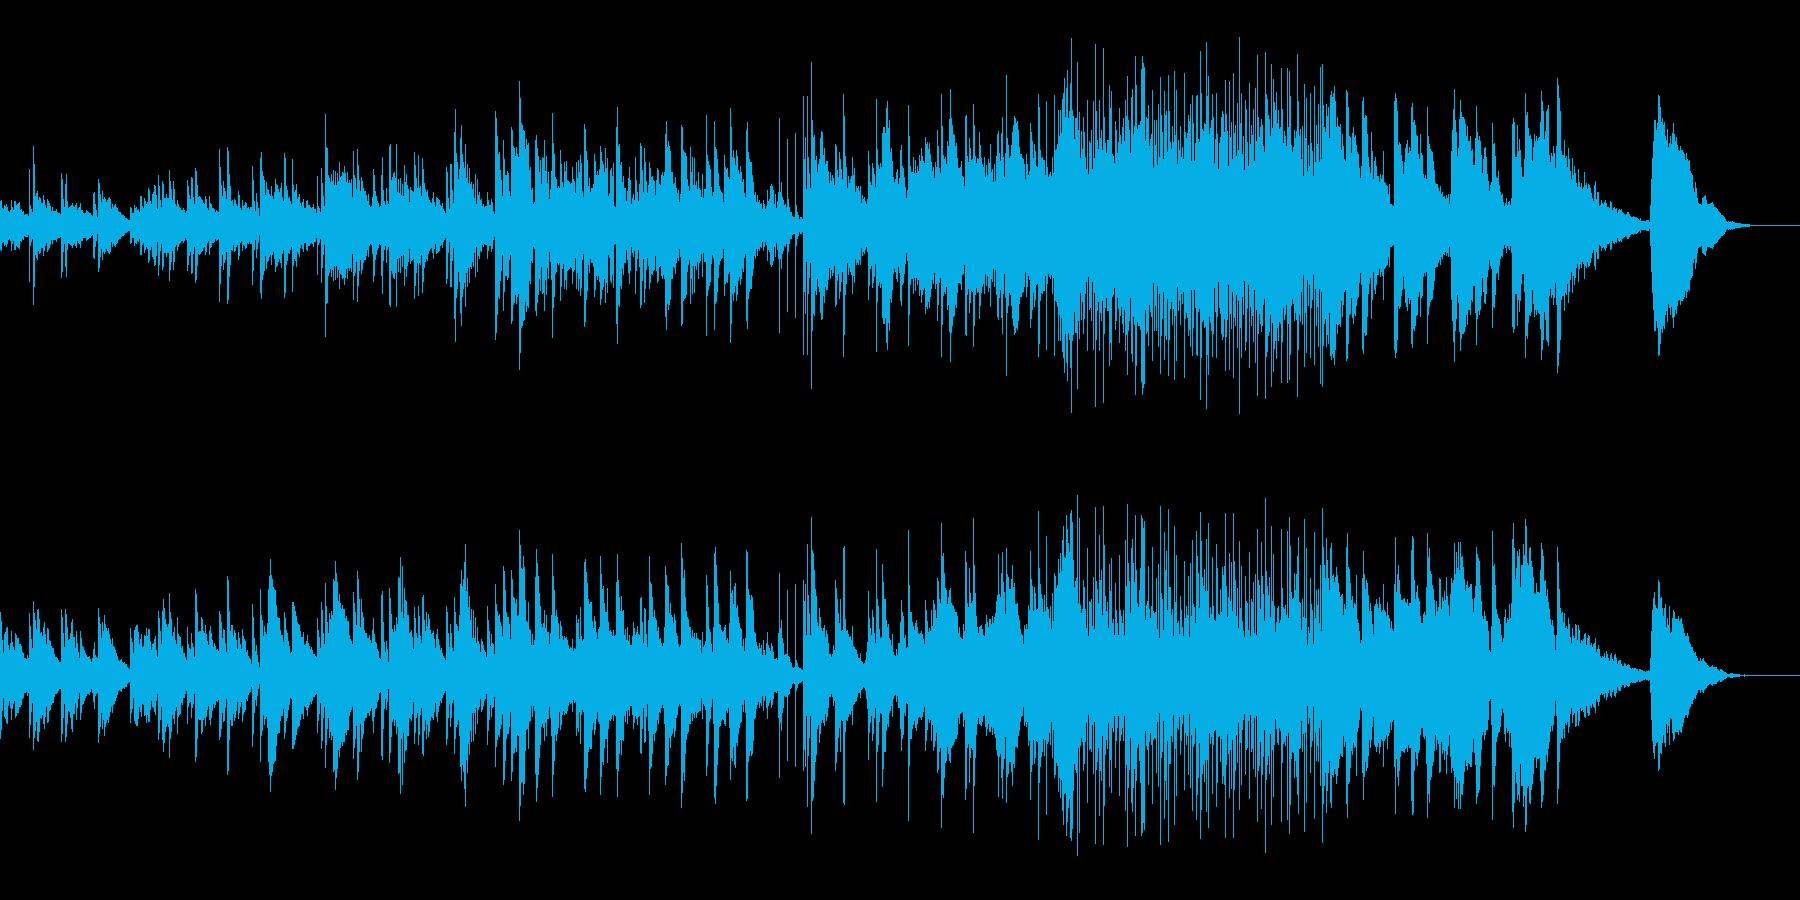 アコギタとピアノメインのインストの再生済みの波形